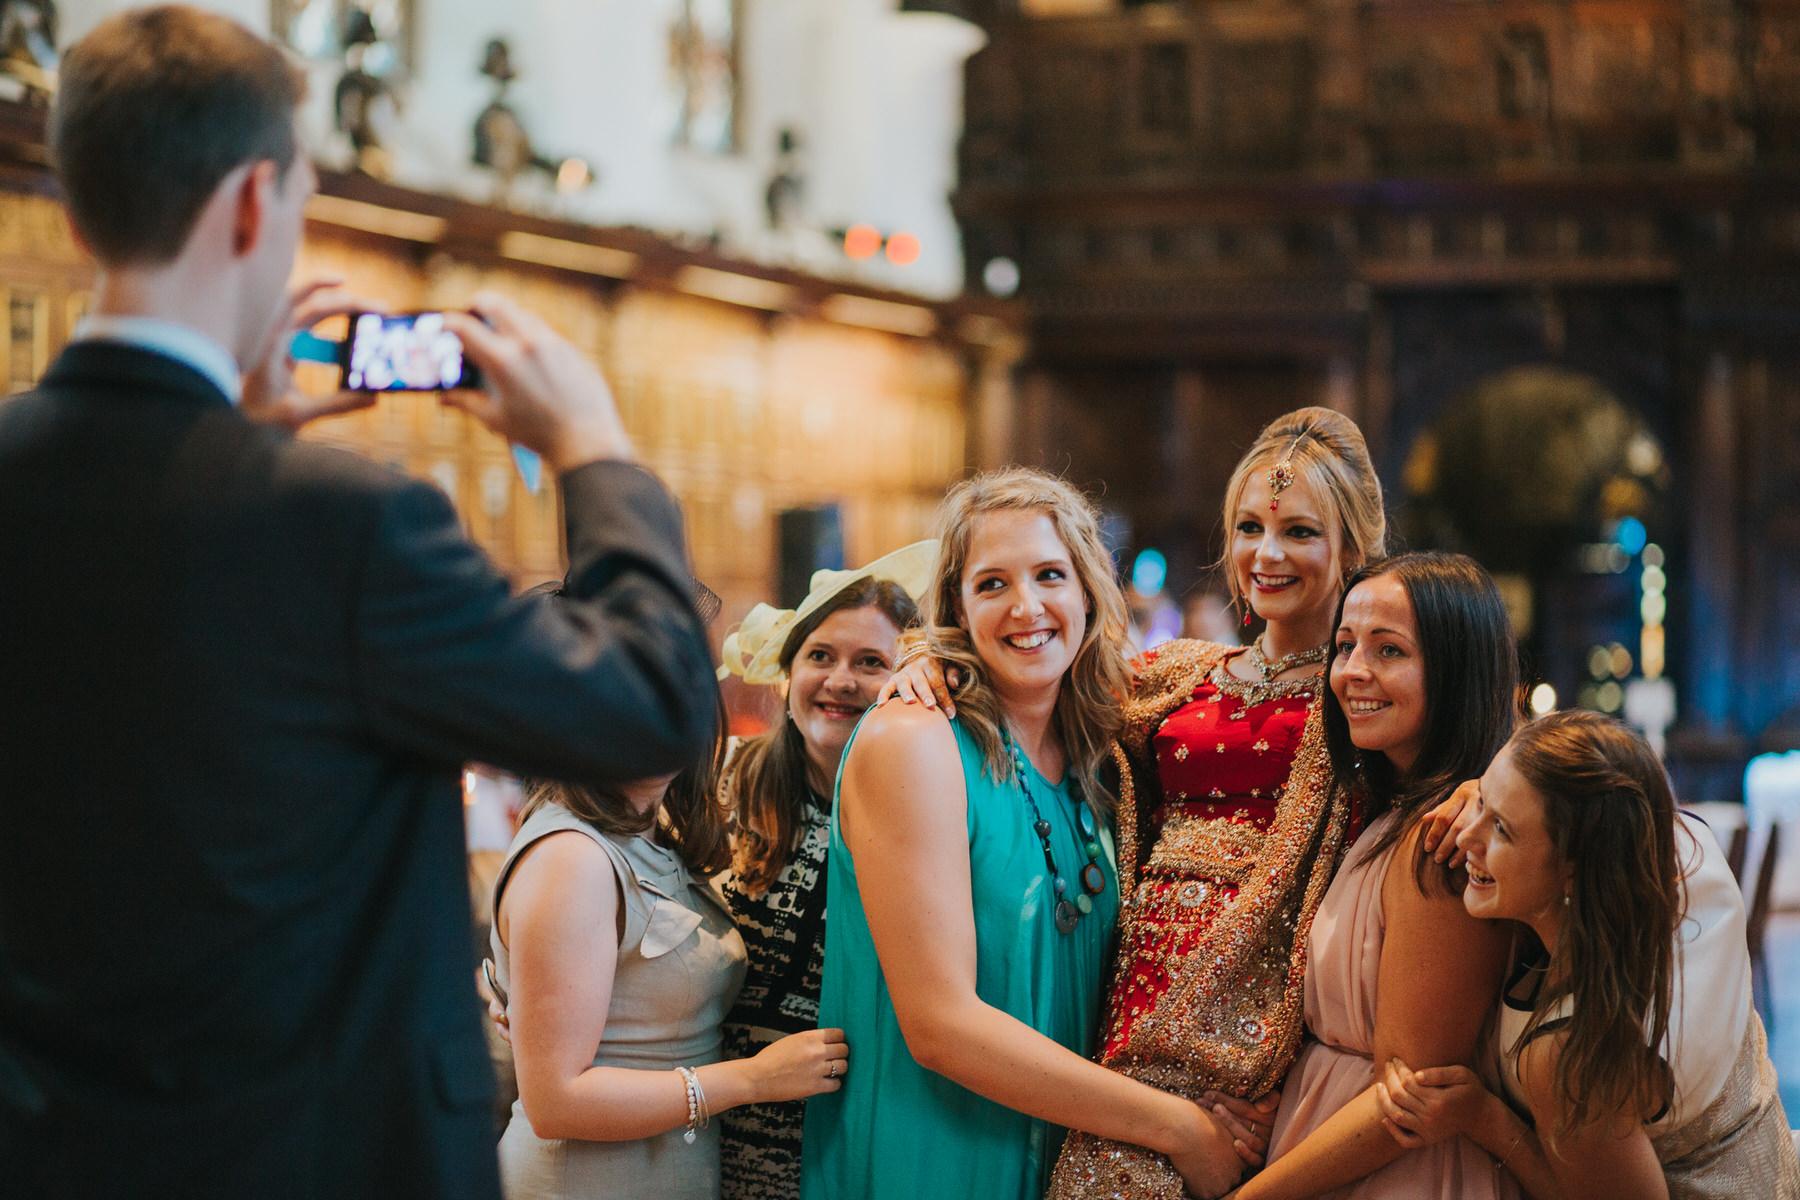 220-bride-wedding-guest-selfie-girlfriends.jpg